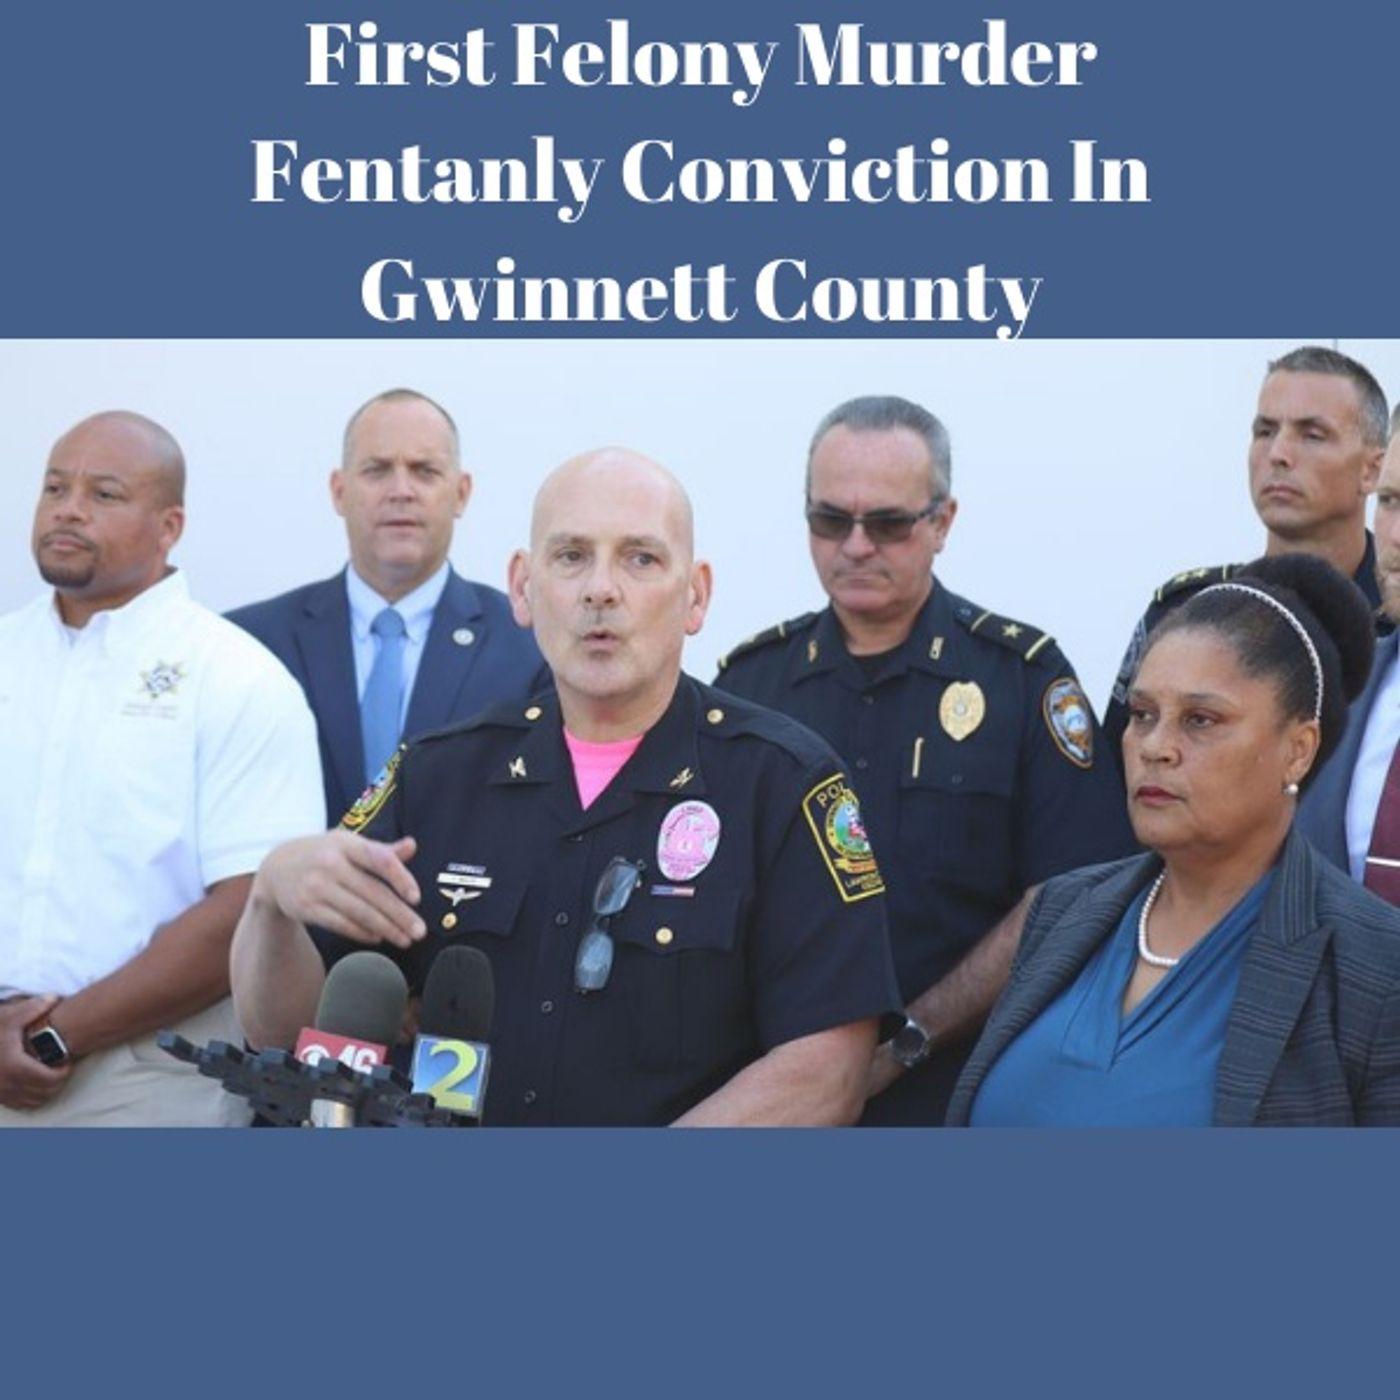 First Gwinnet County Felony Fentanyl Murder Conviction